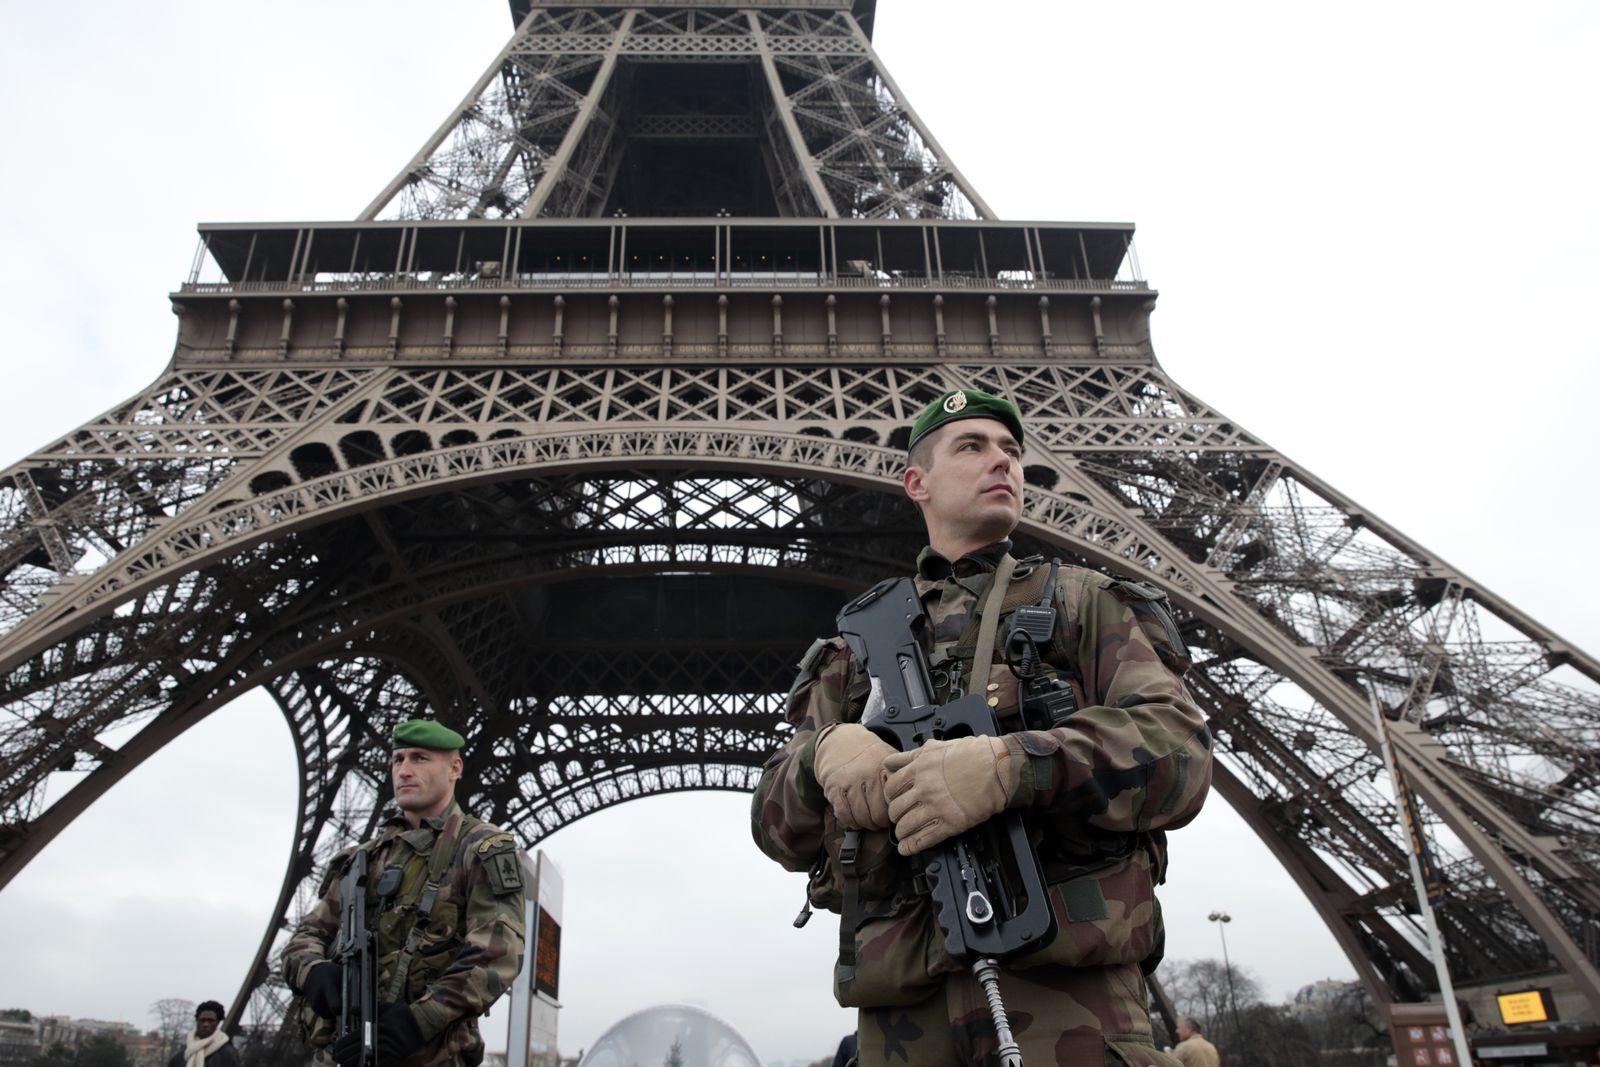 Sodlaten / Eiffelturm